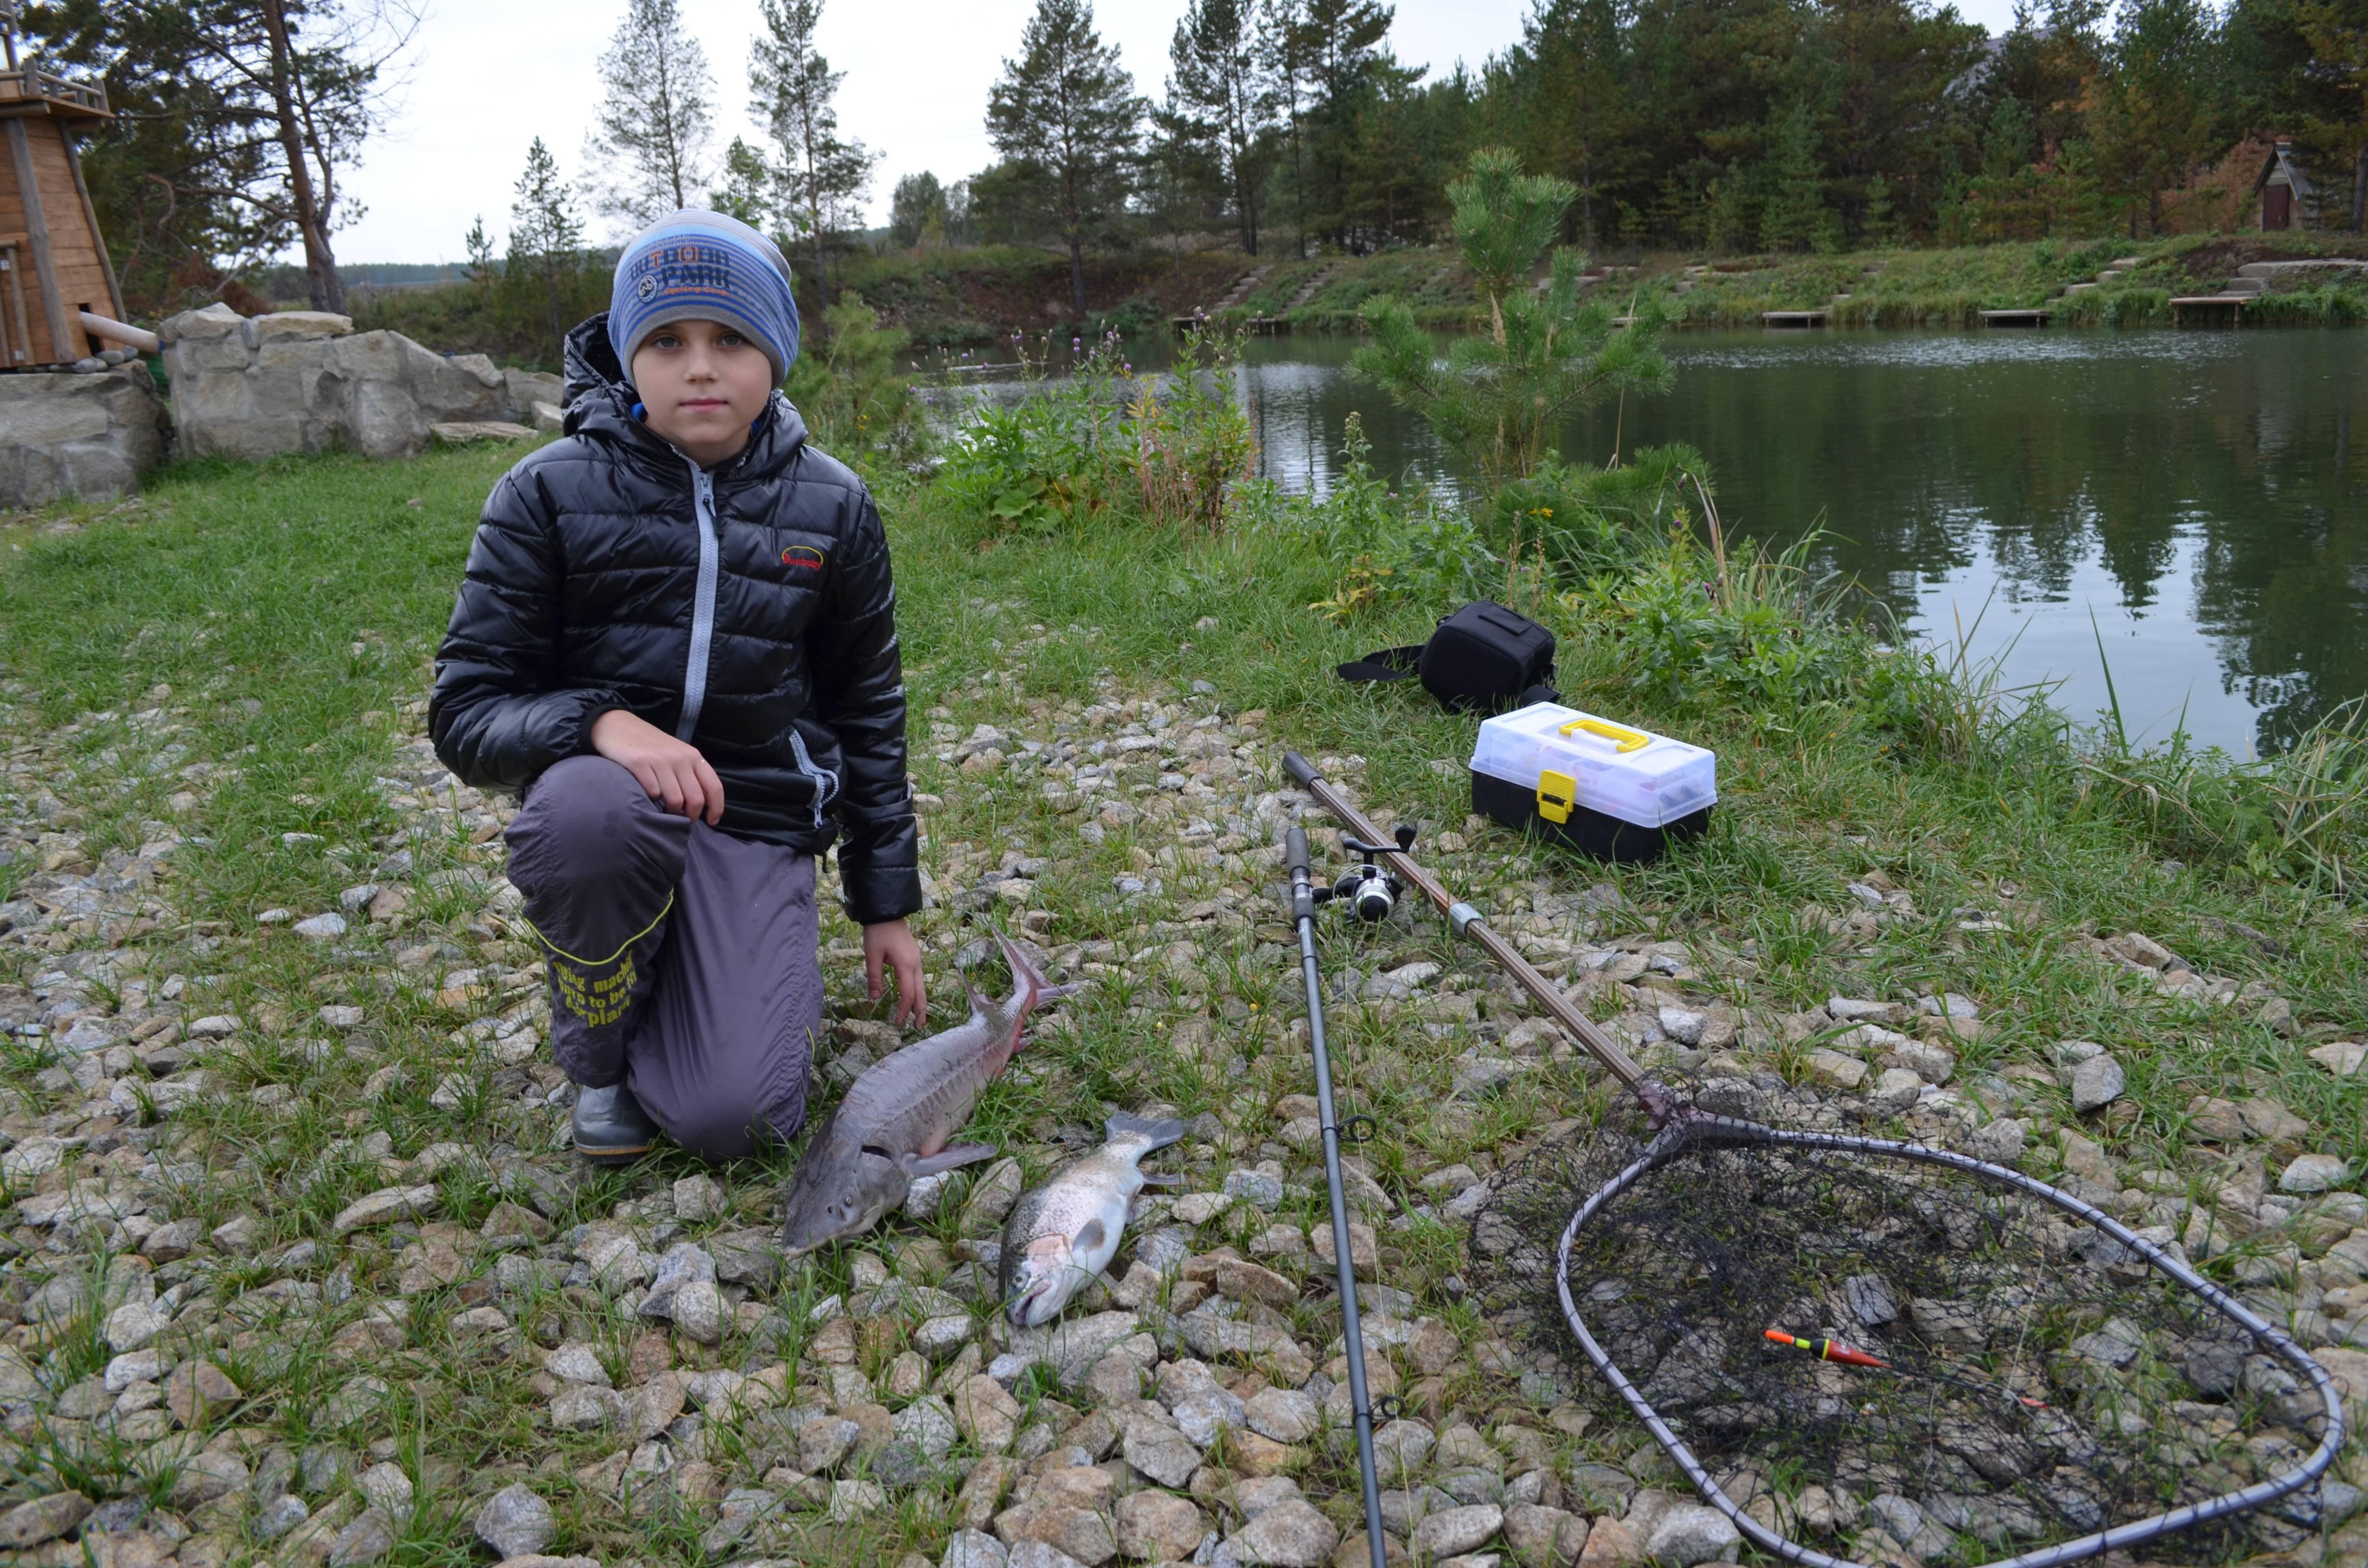 Рыбалка в челябинской области: озера, карьер, карта водоемов